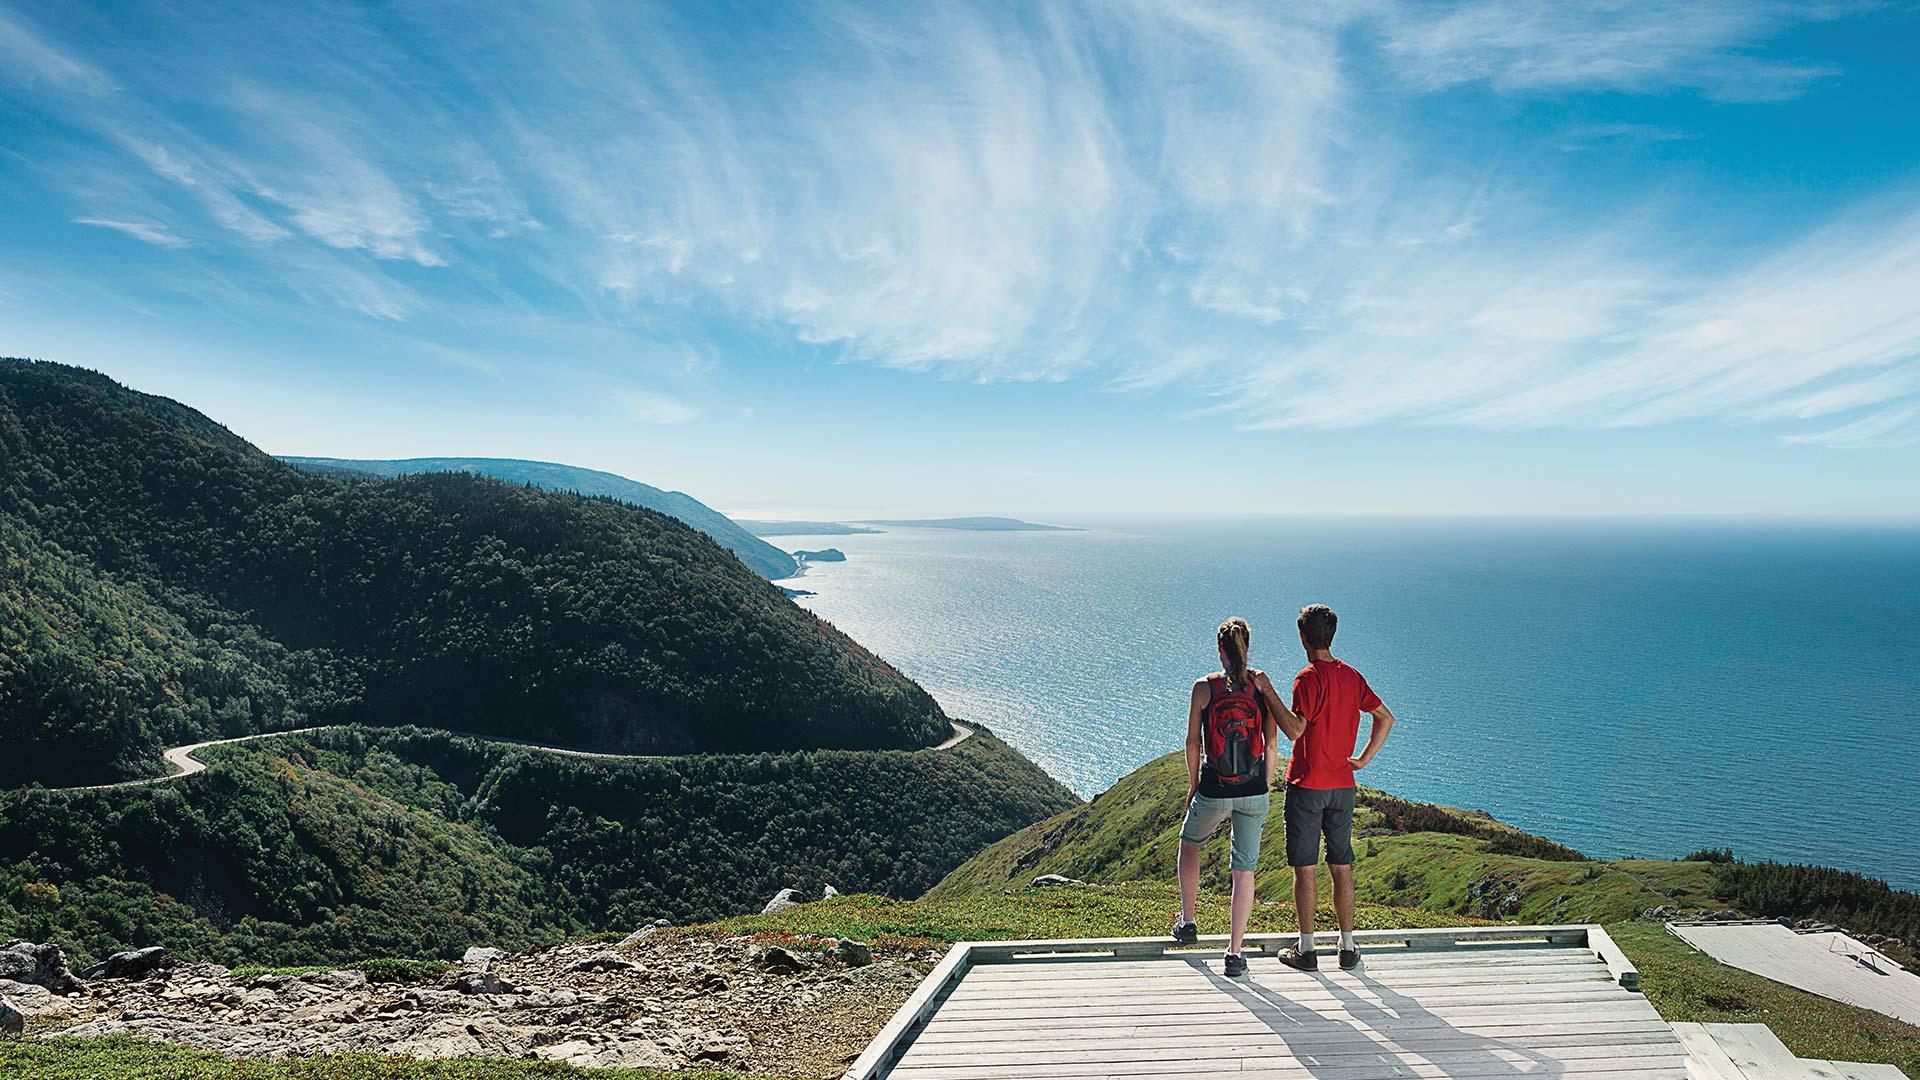 加拿大东岸大西洋国家公园群之四 布雷顿角高地国家公园_品略